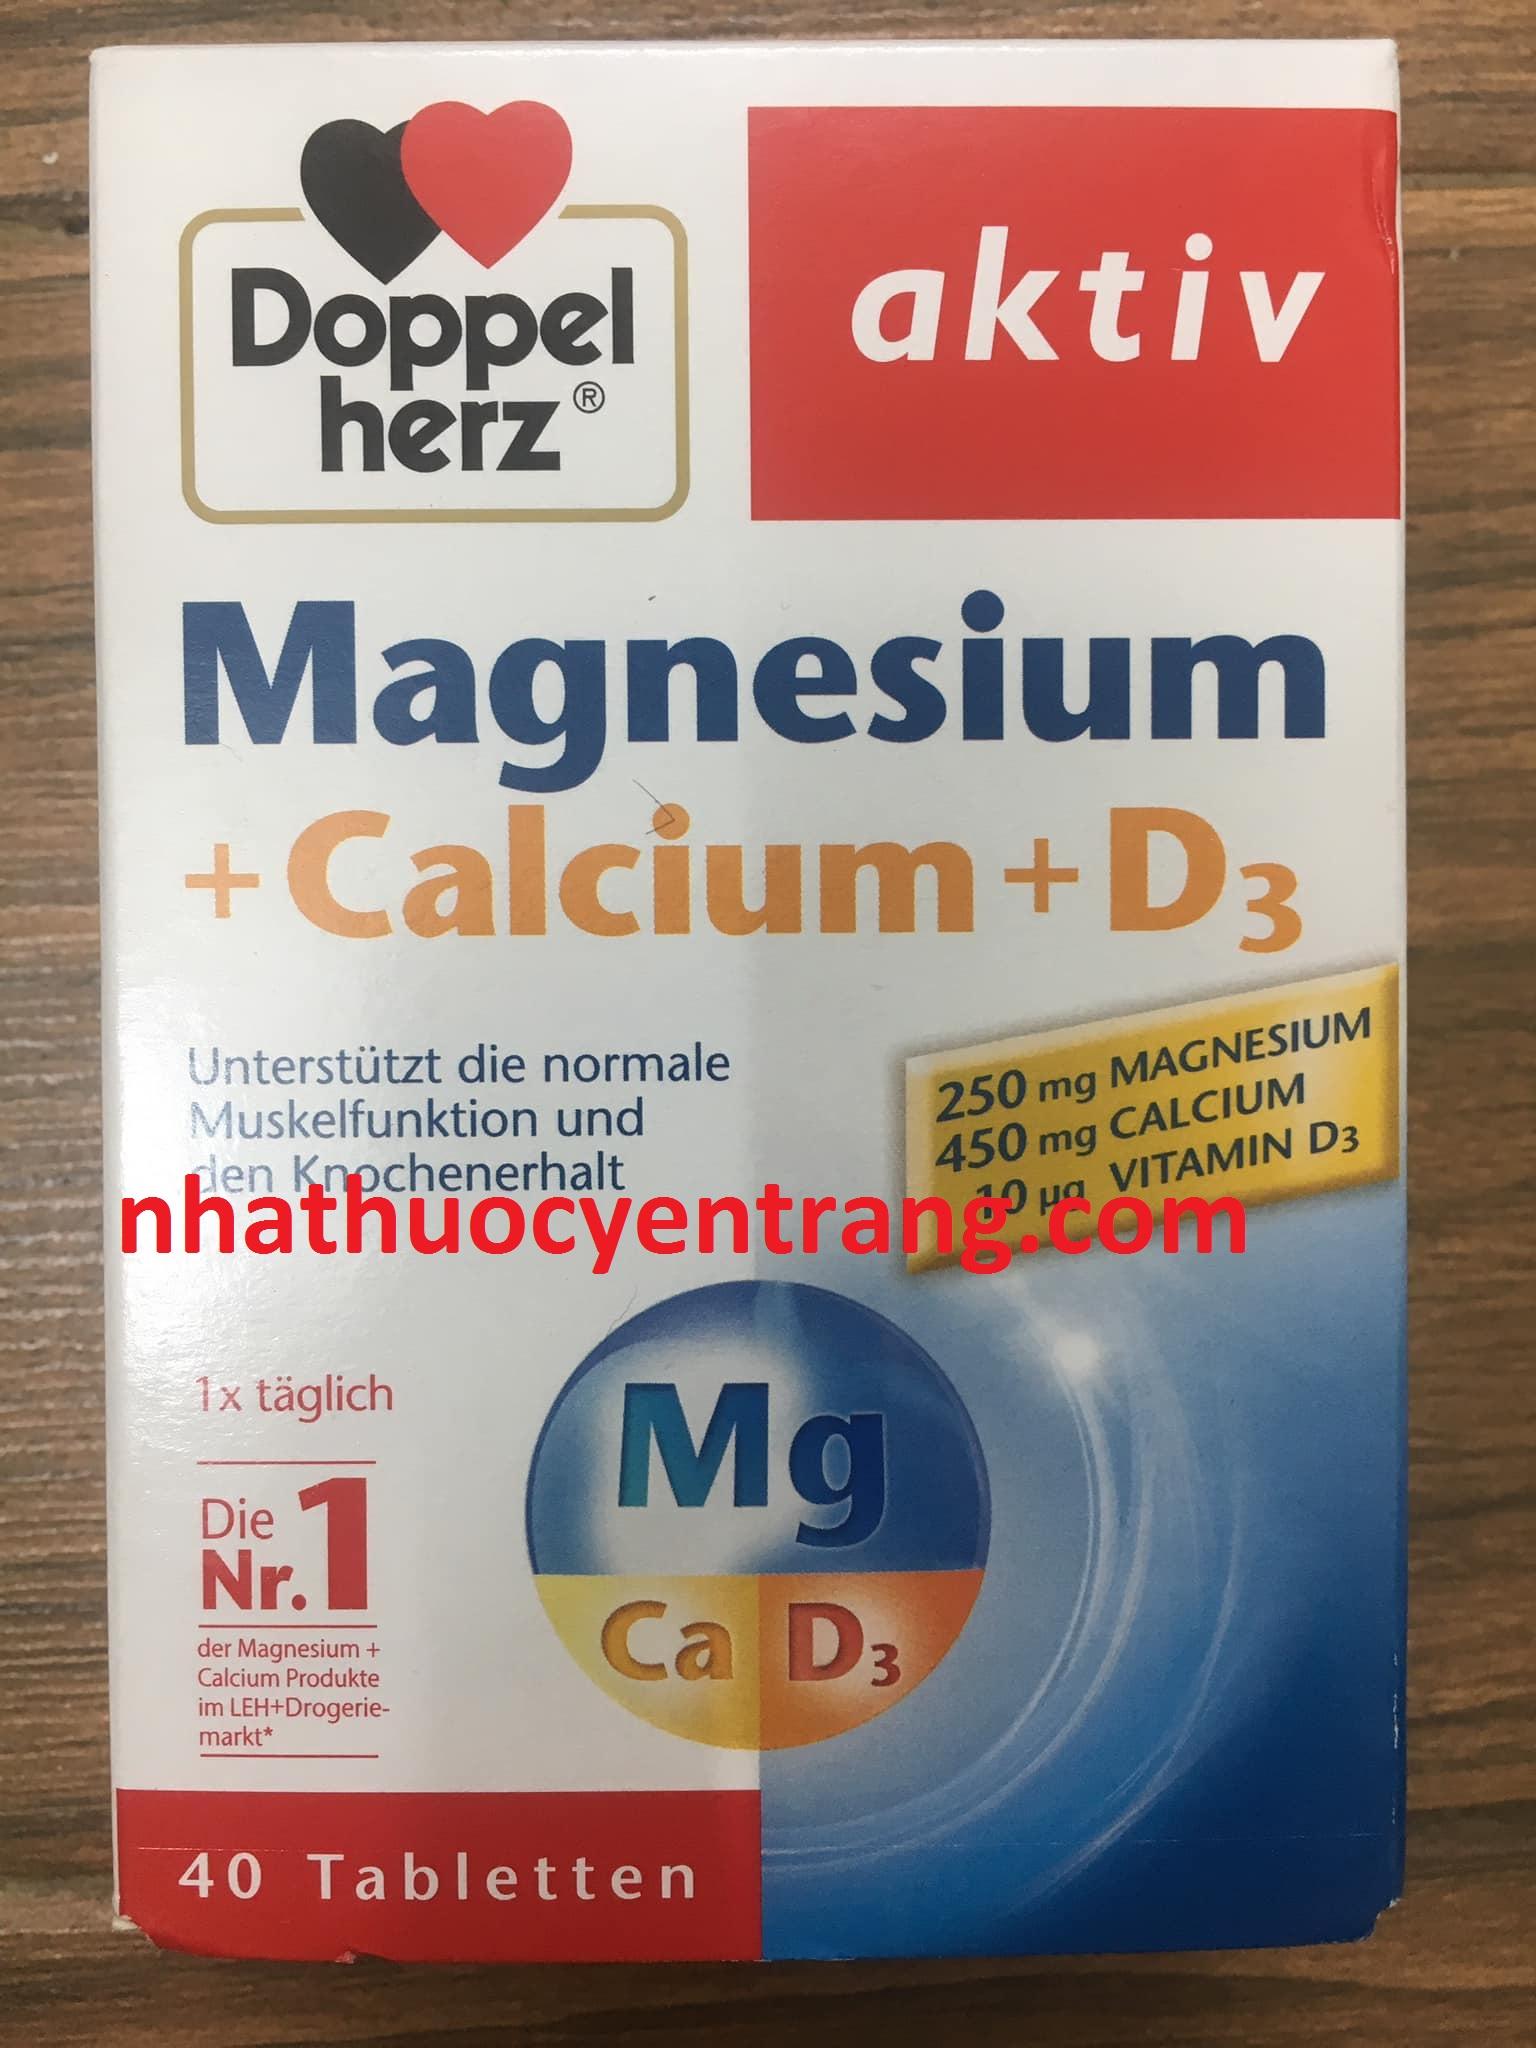 Magnesium + Calcium + D3 Doppel Herz